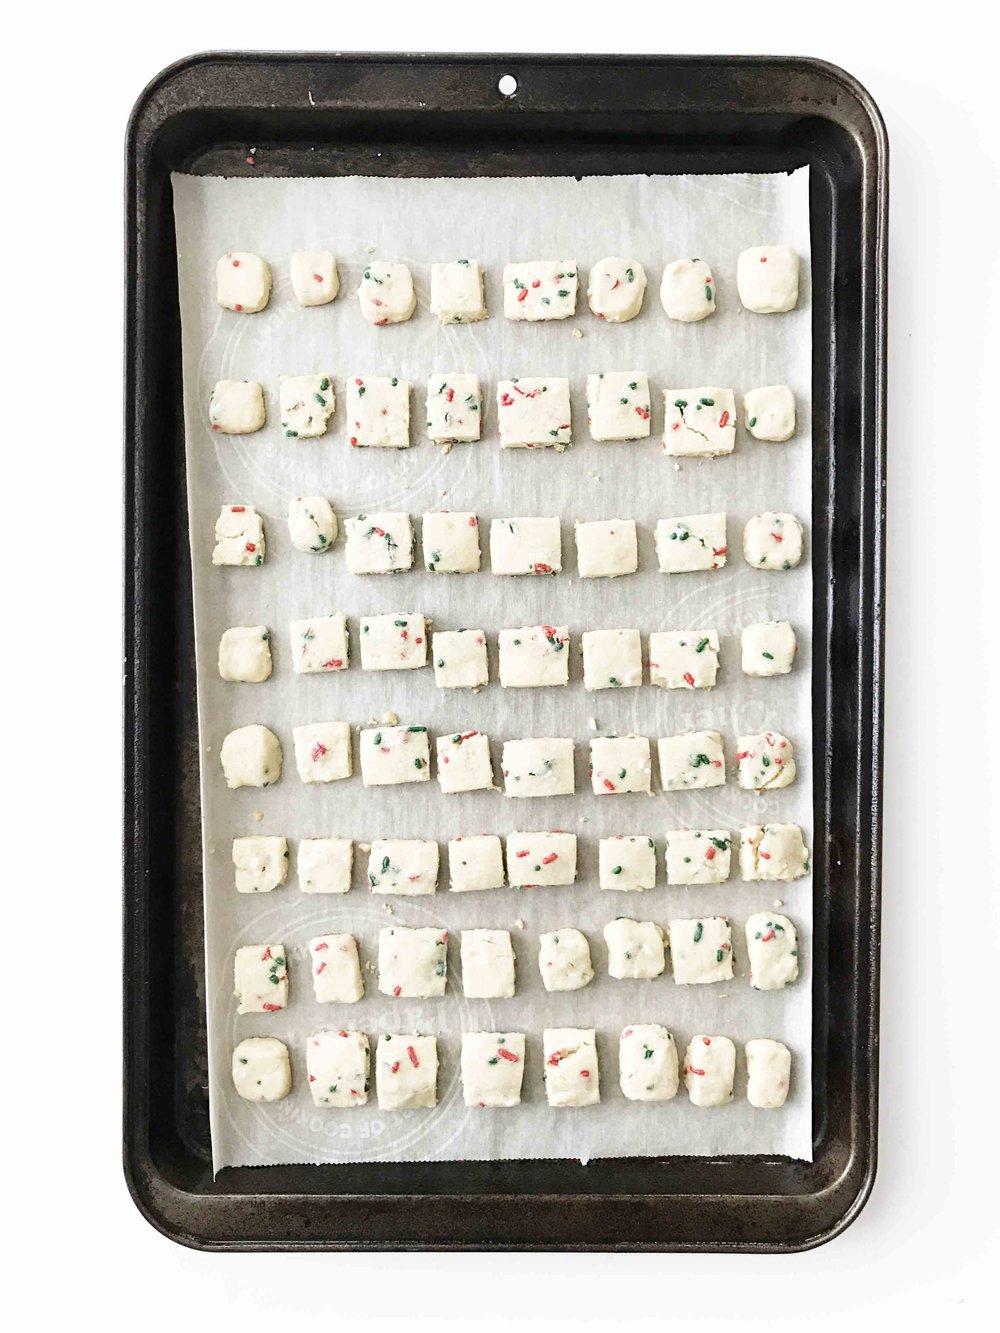 elf-cookies12.jpg